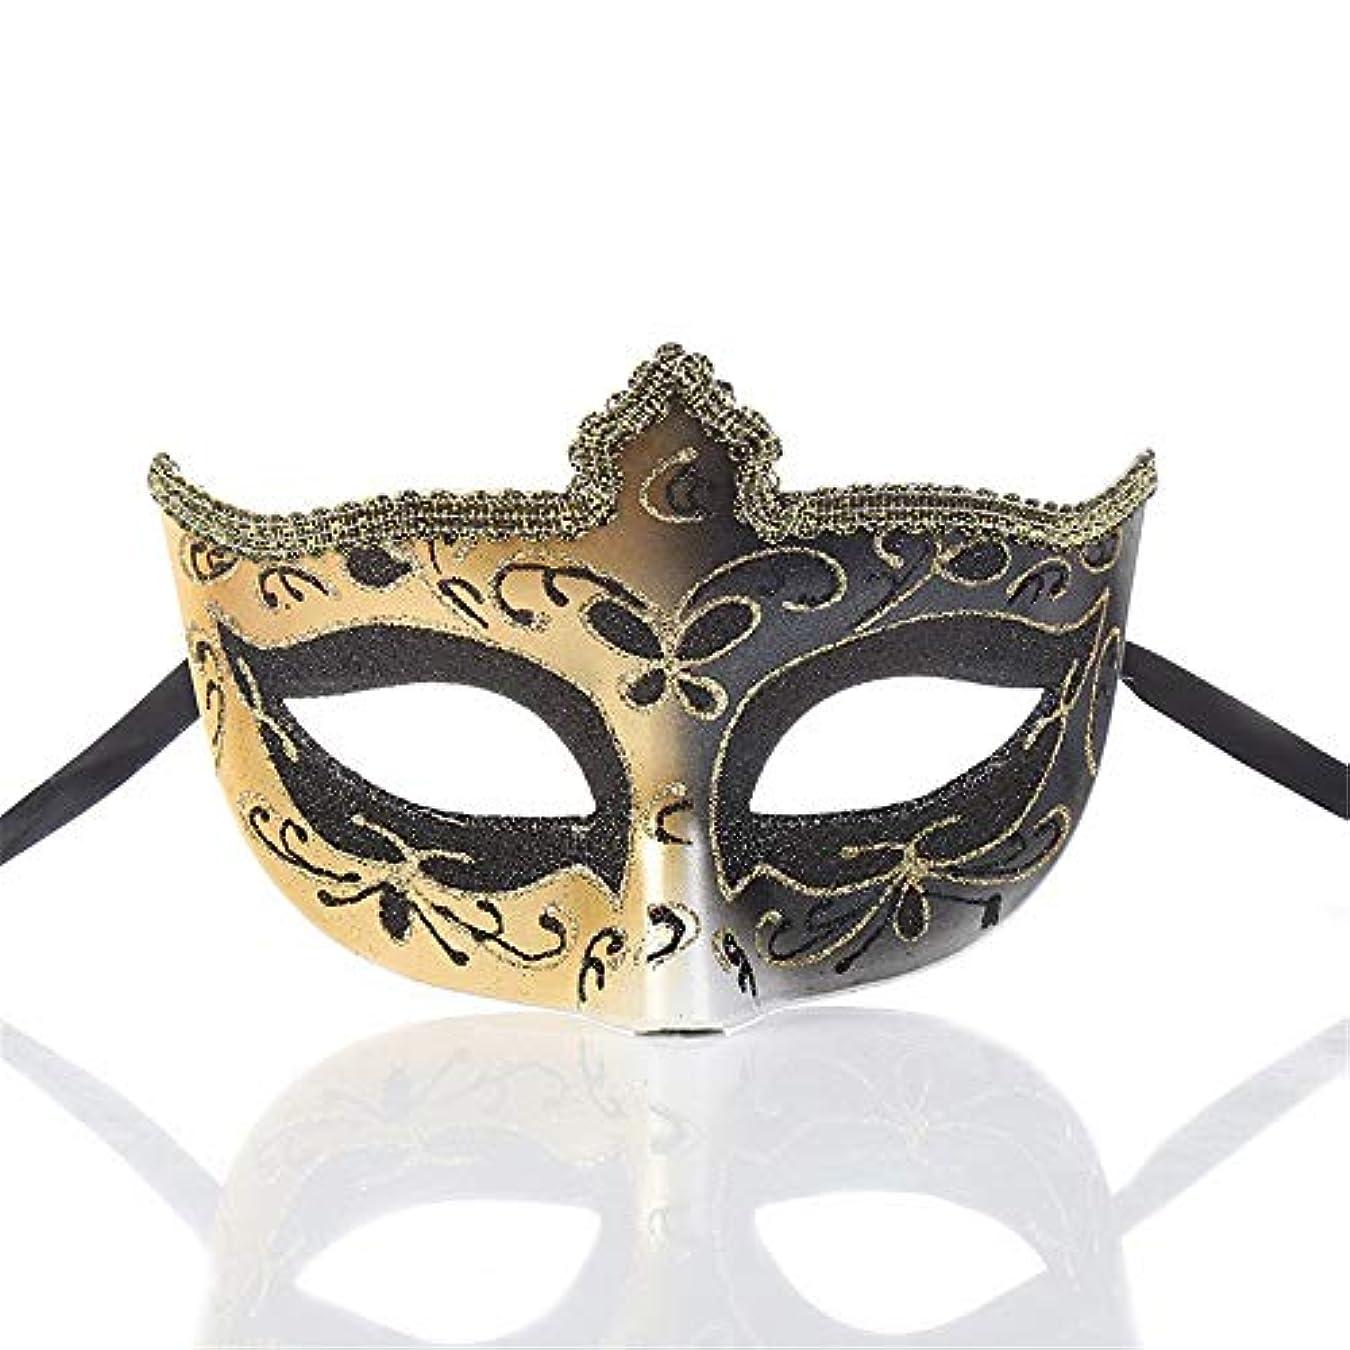 非アクティブリーダーシップ母音ダンスマスク クリエイティブクラシックハーフマスクマスカレードパーティーデコレーションコスプレプラスチックマスク ホリデーパーティー用品 (色 : ブラック, サイズ : 17x11cm)